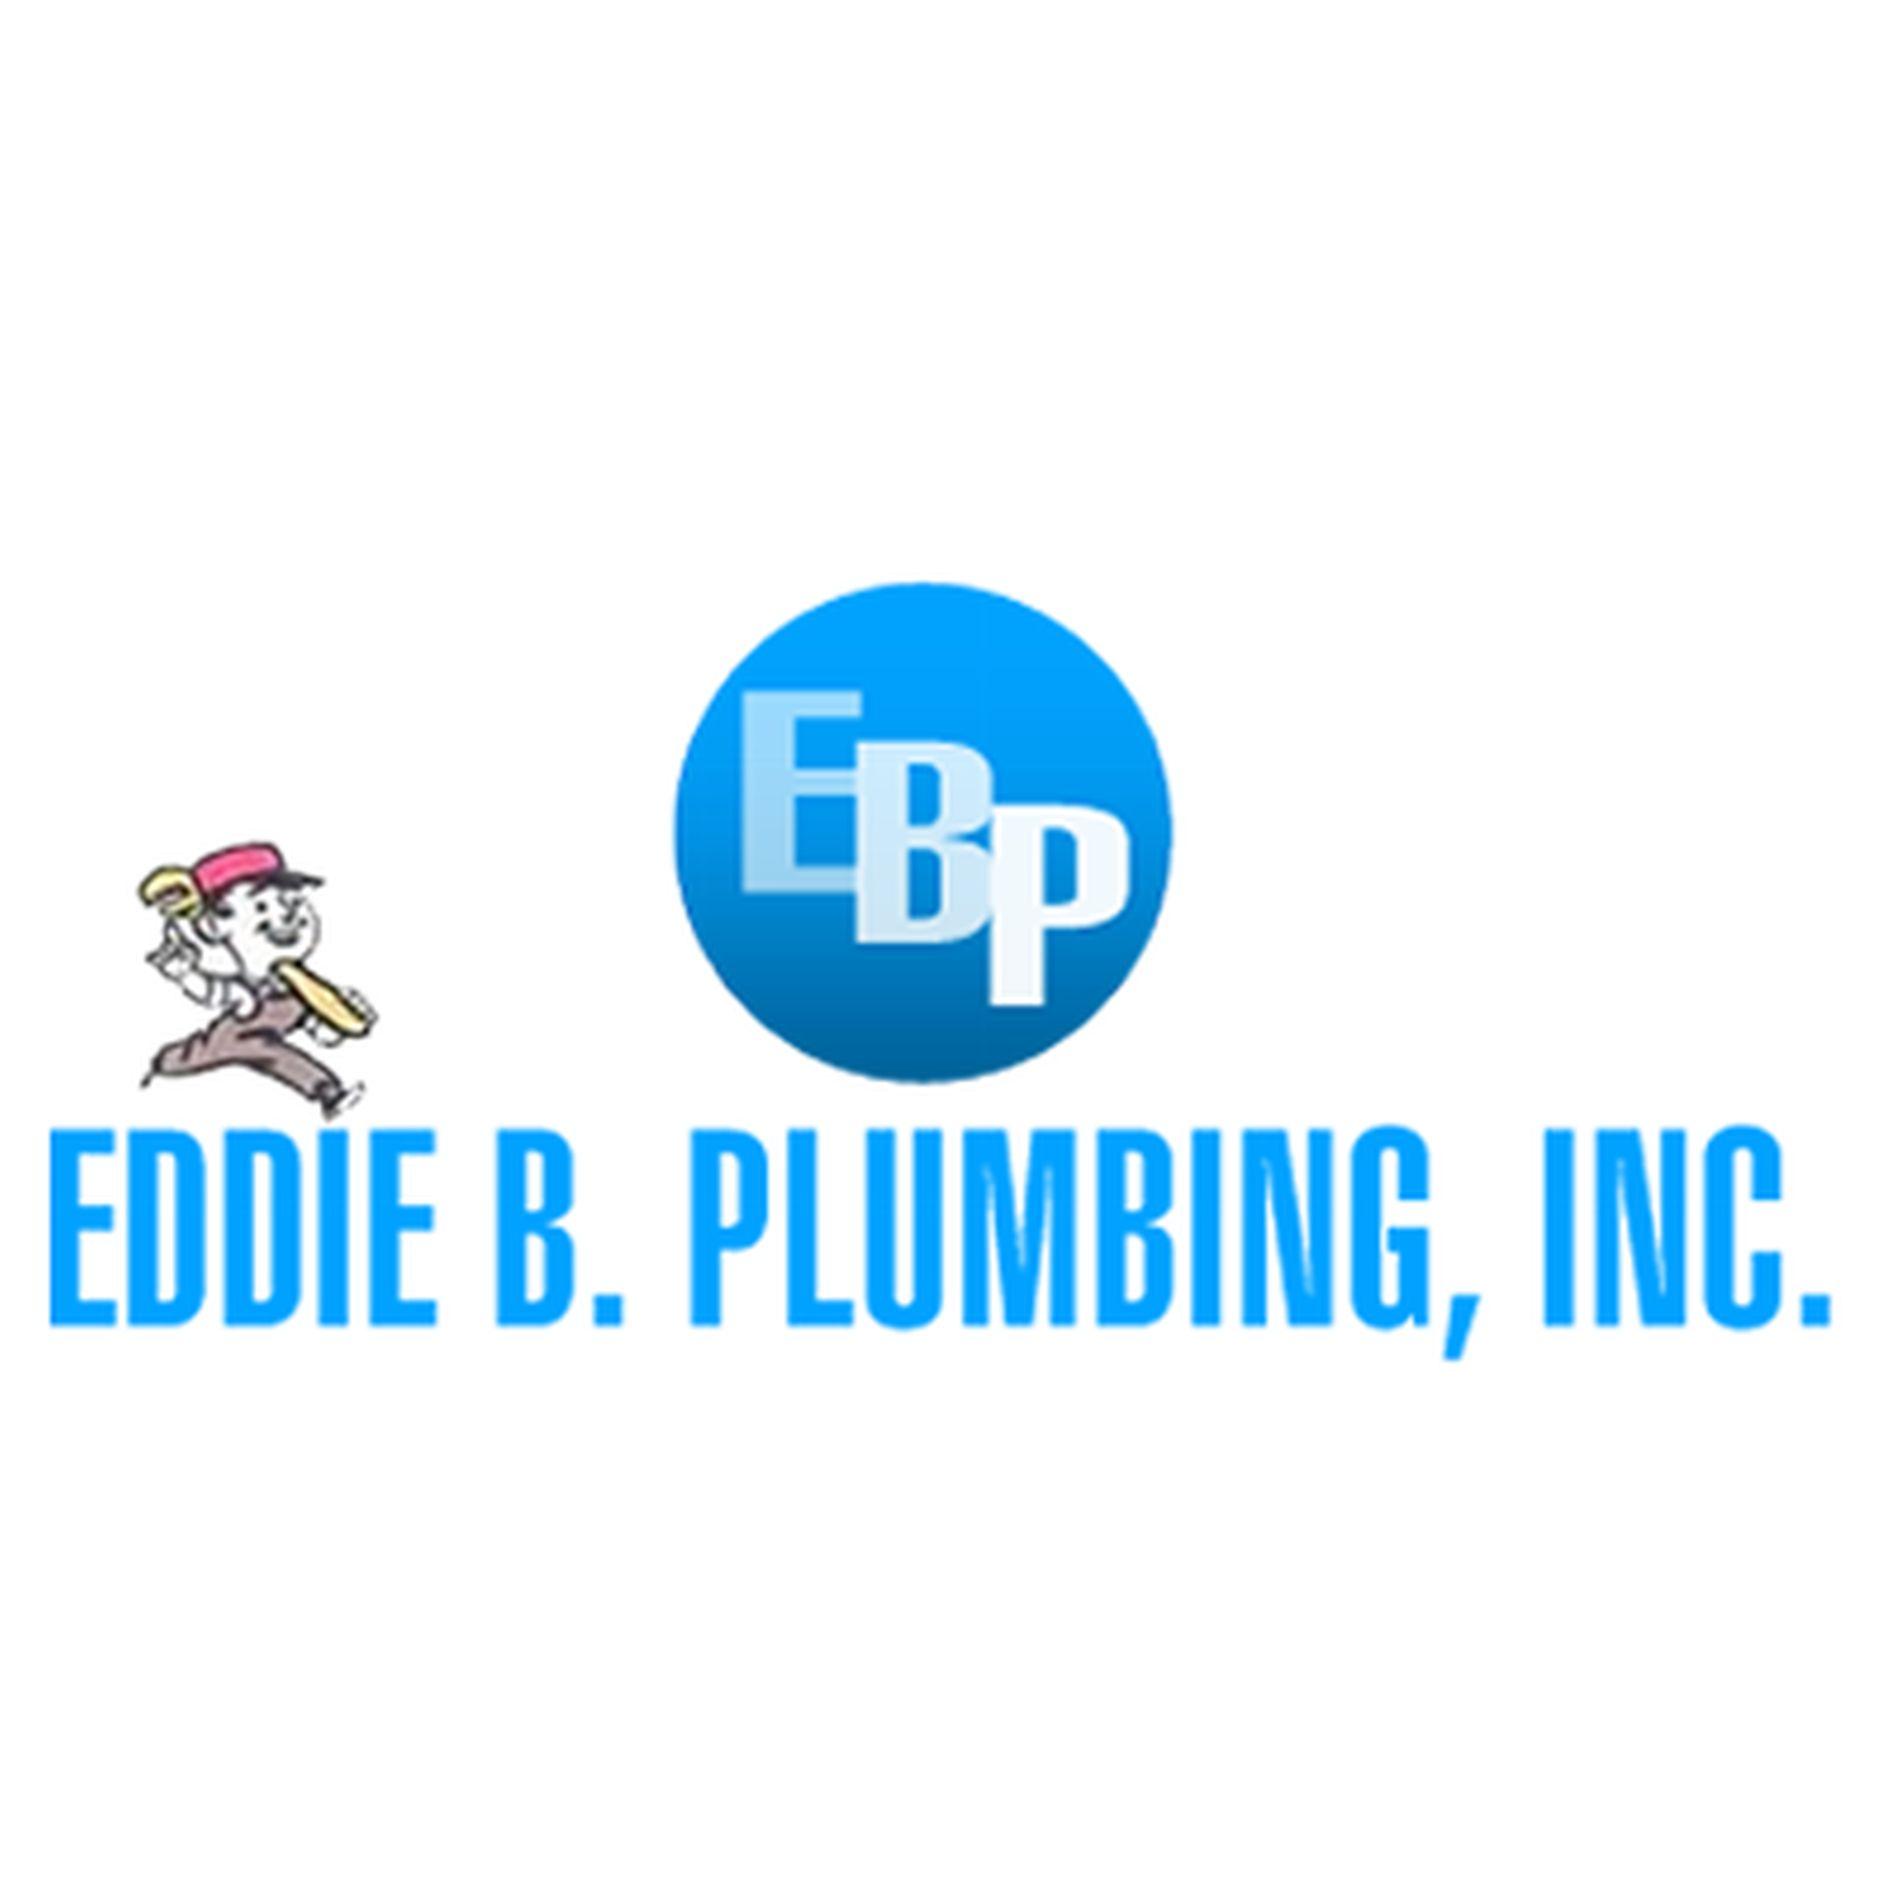 Eddie B Plumbing 602 Union Landing Rd, Cinnaminson, NJ 08077 - YP.com